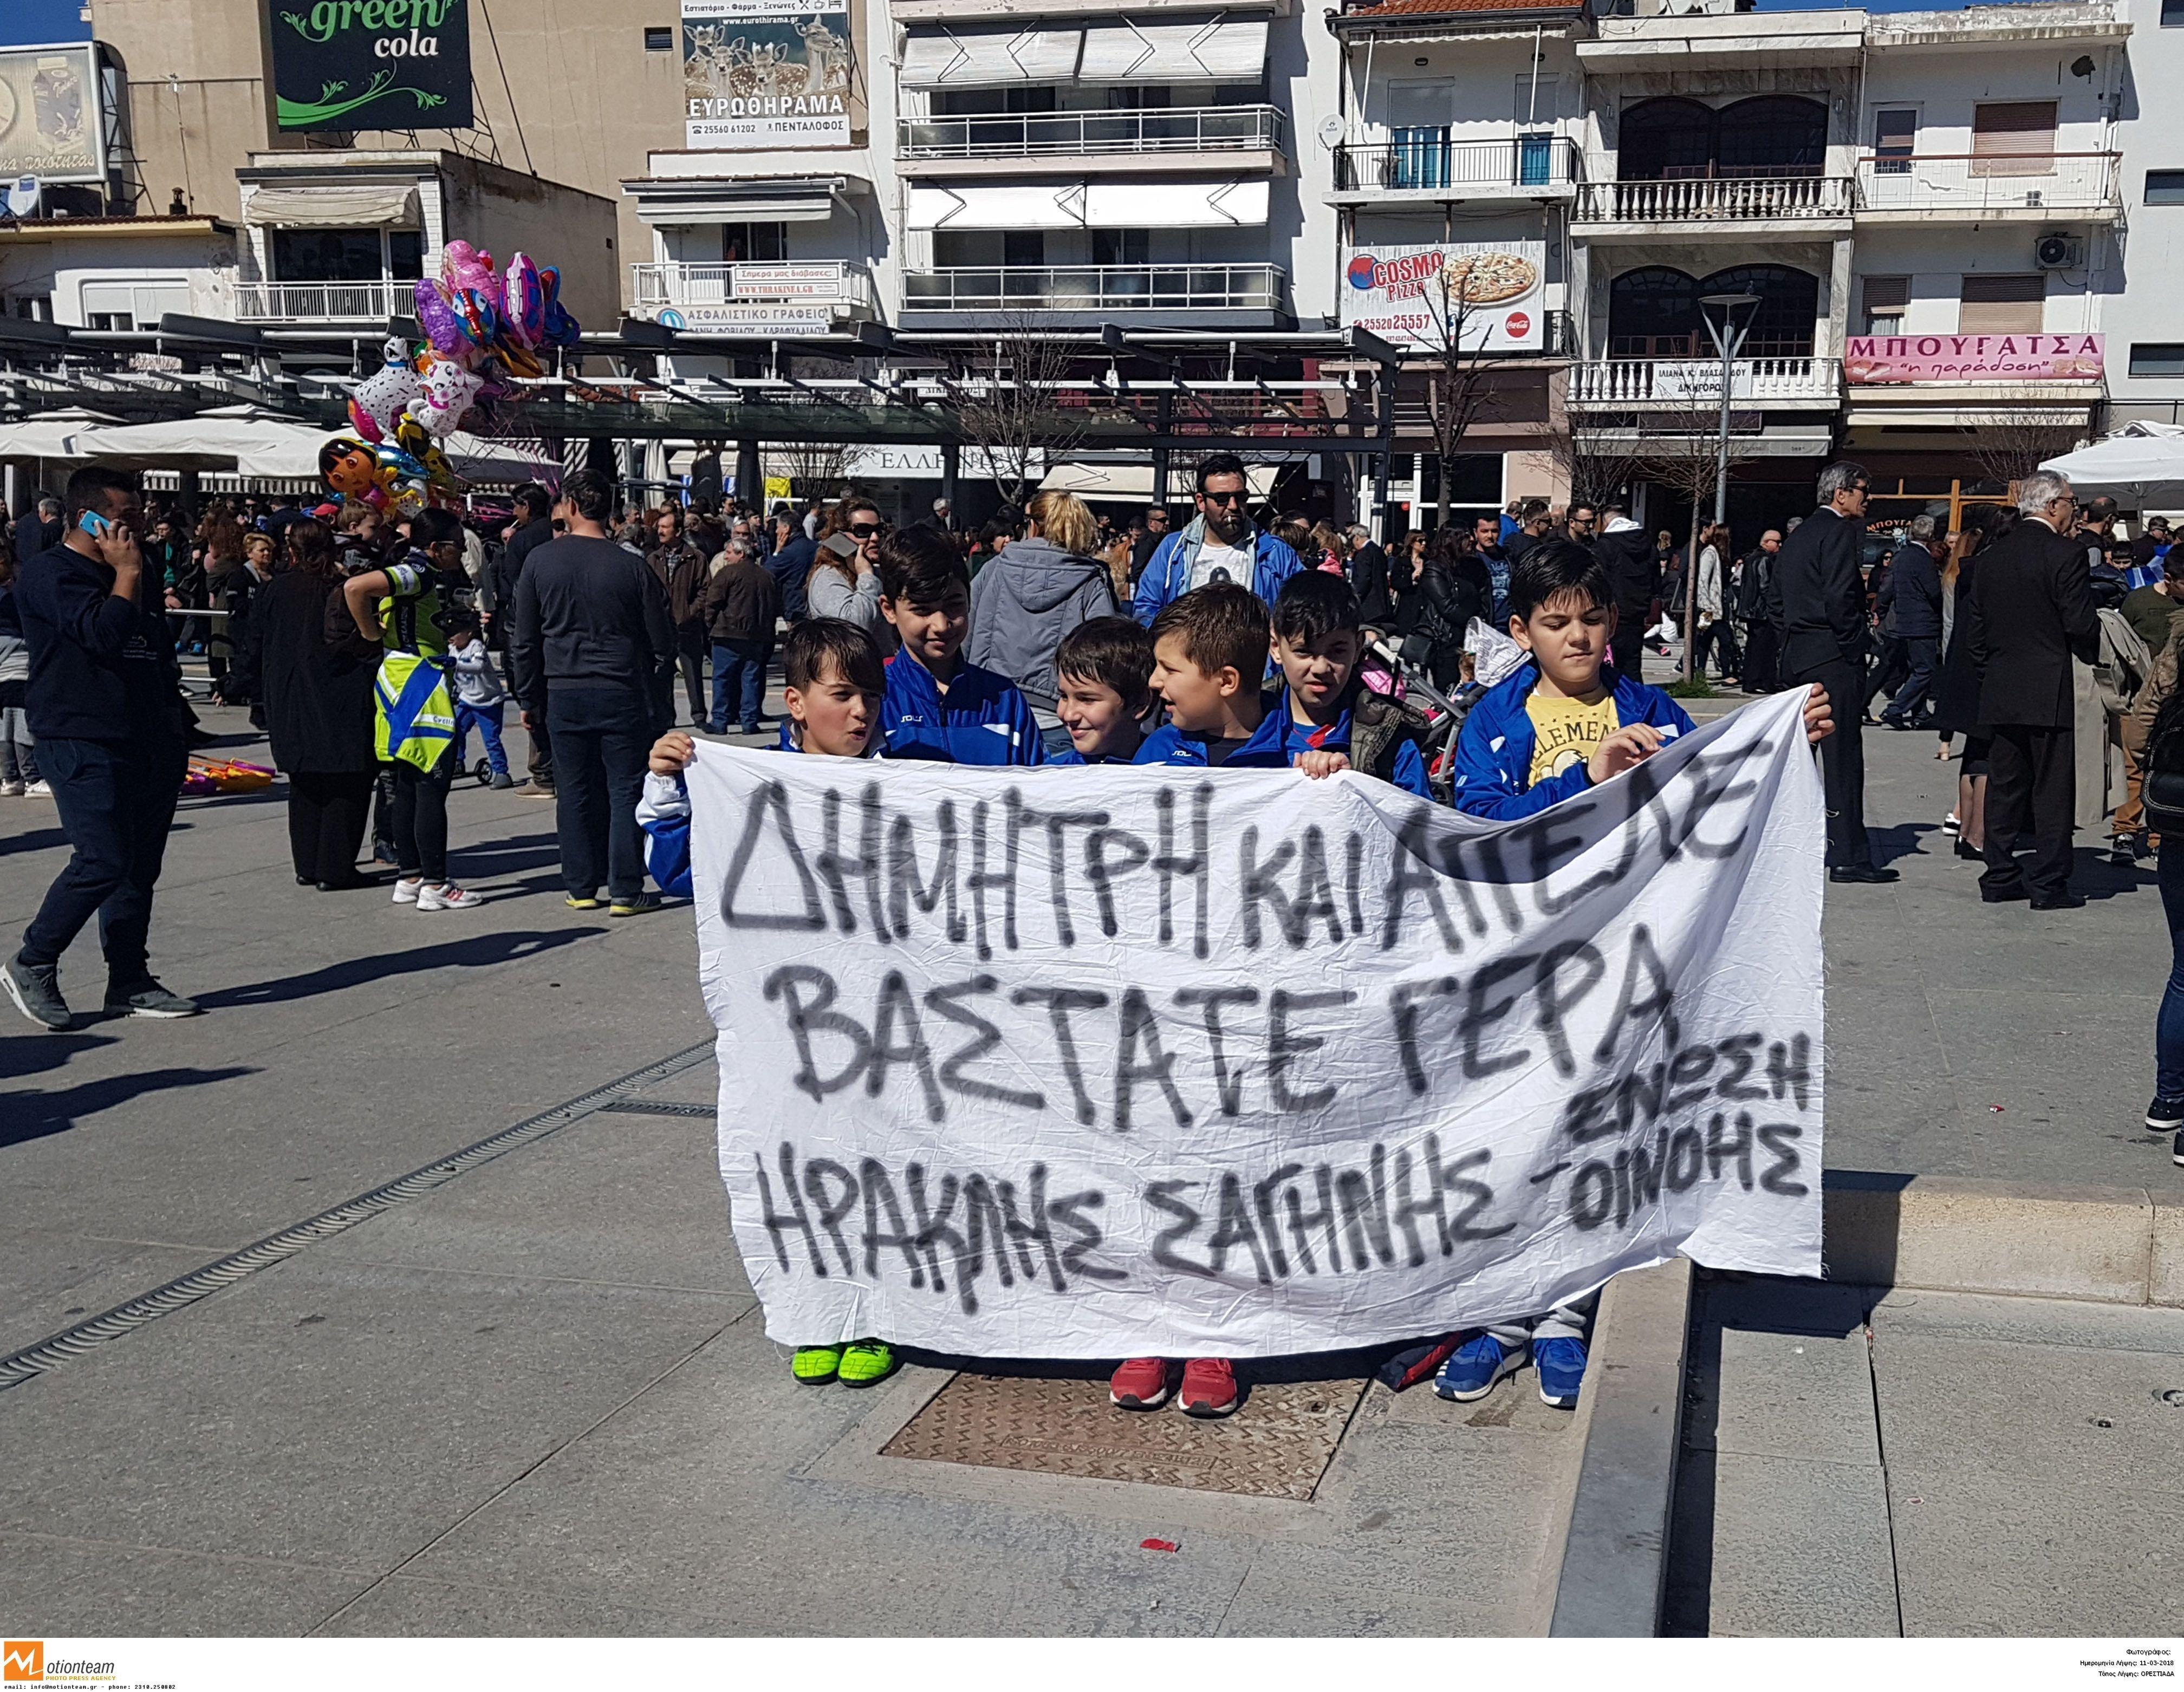 Σε εξέλιξη η συγκέντρωση στην Ορεστιάδα για την απελευθέρωση των δύο ελλήνων